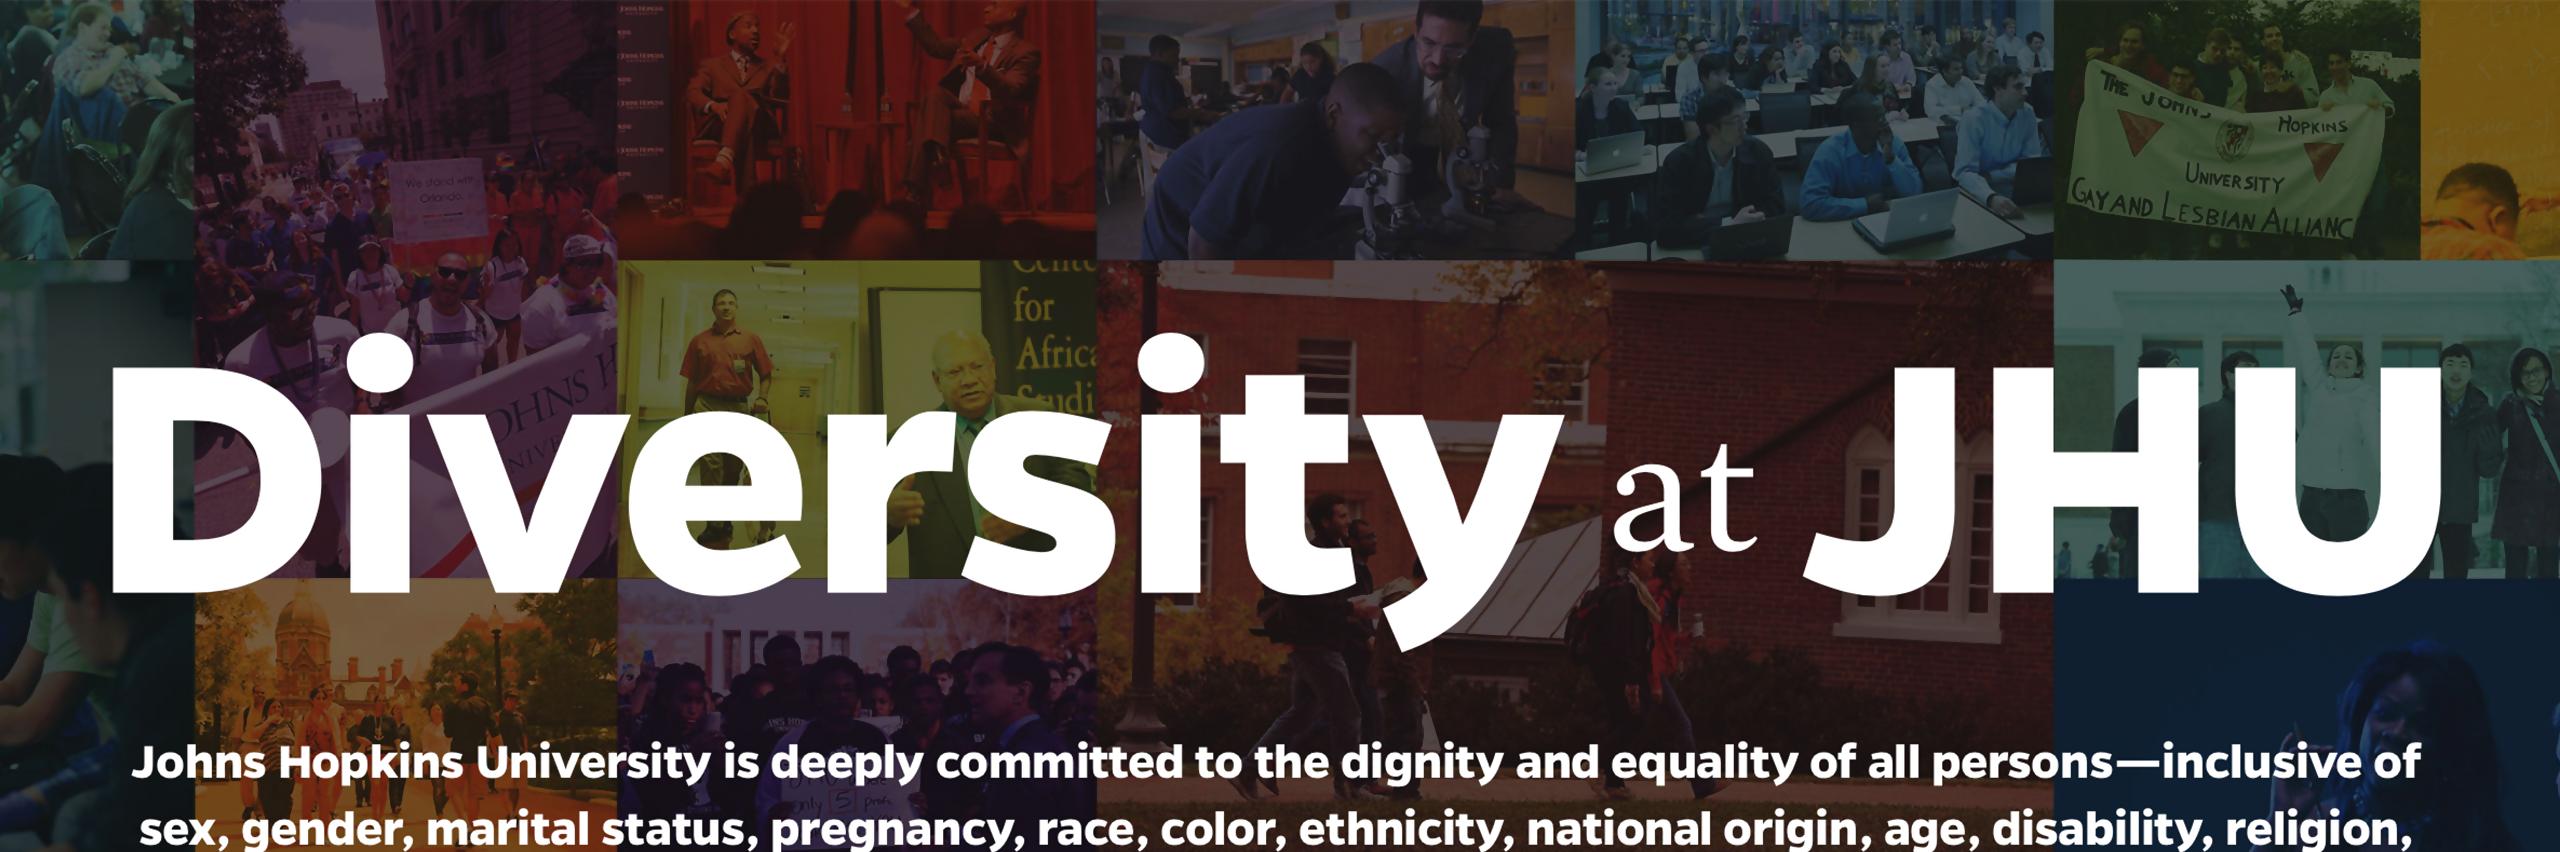 Diversity at Johns Hopkins